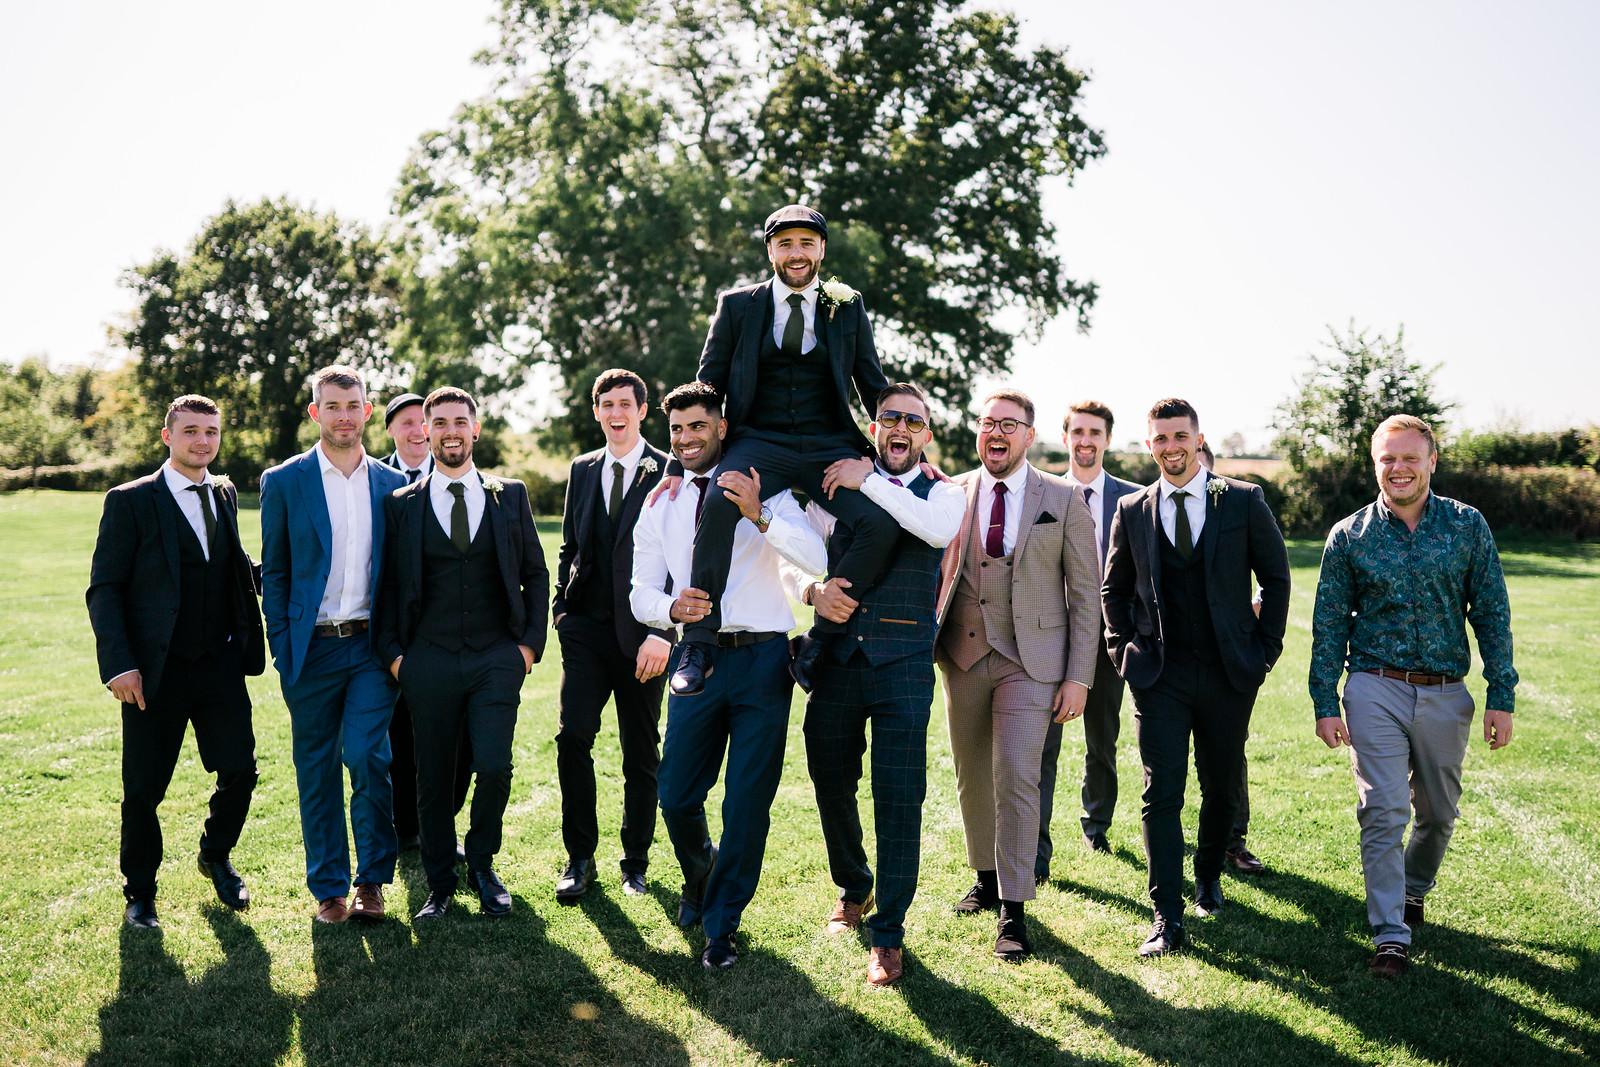 Groomsmen carry the groom on their shoulders